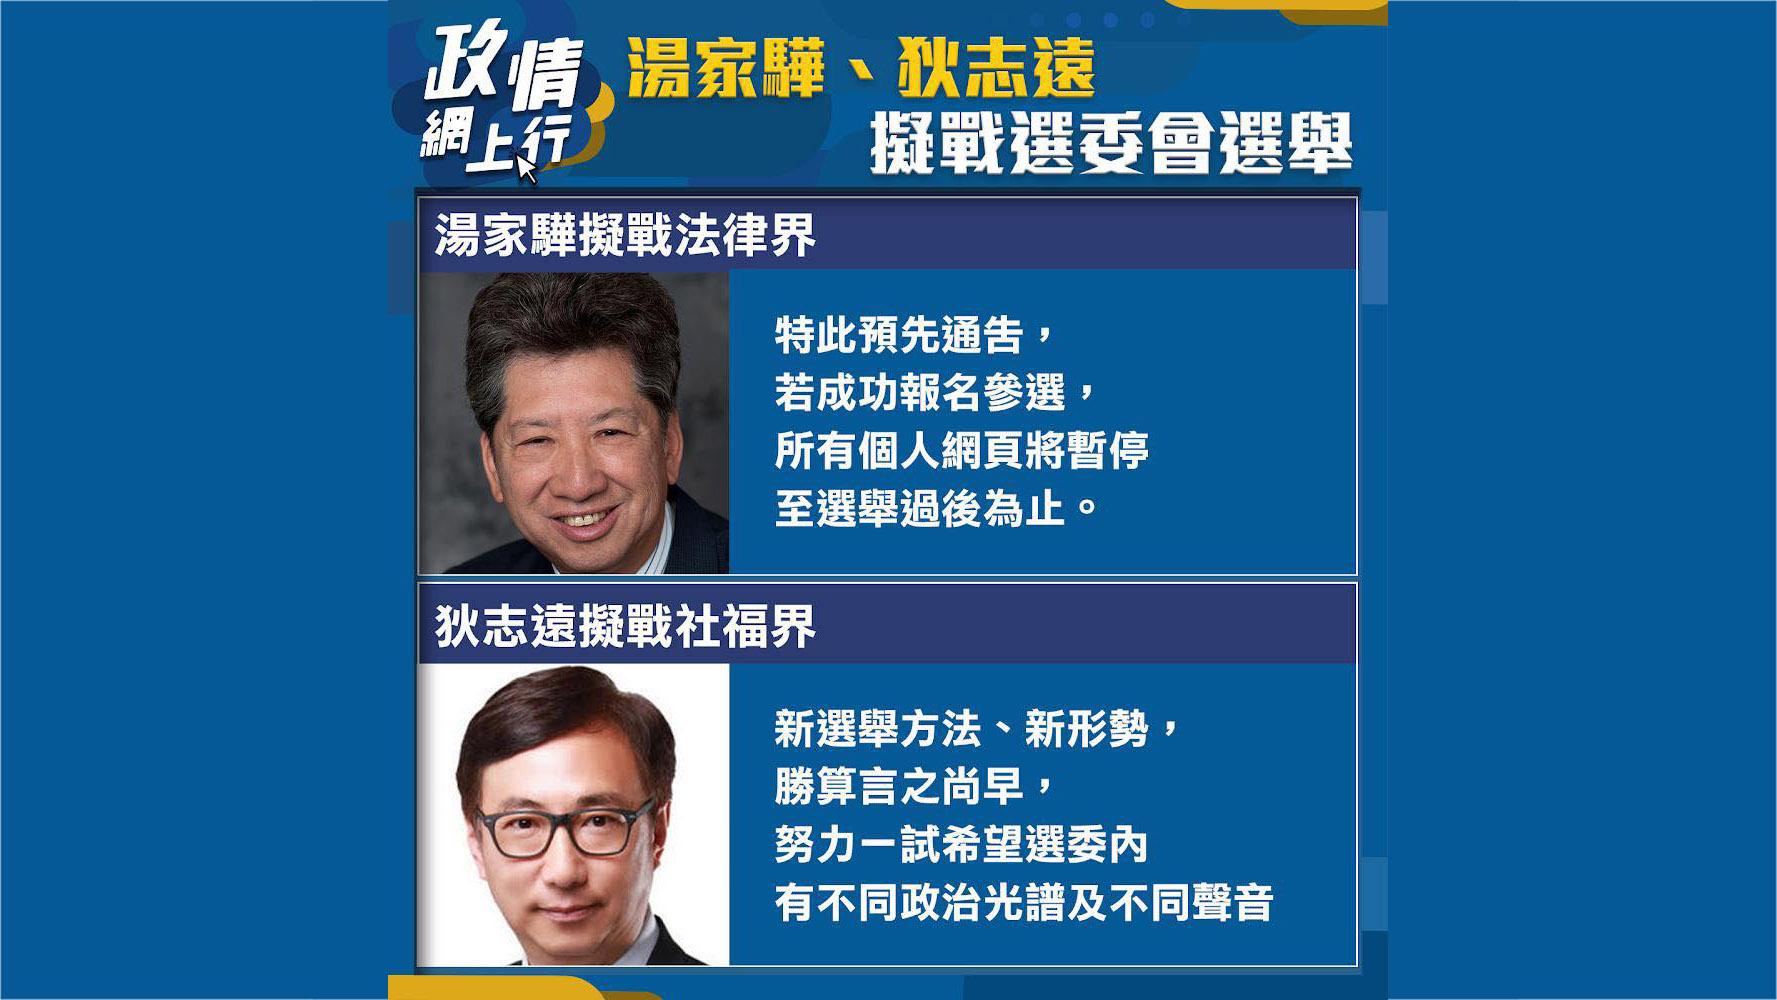 【政情網上行】湯家驊、狄志遠擬戰選委會選舉